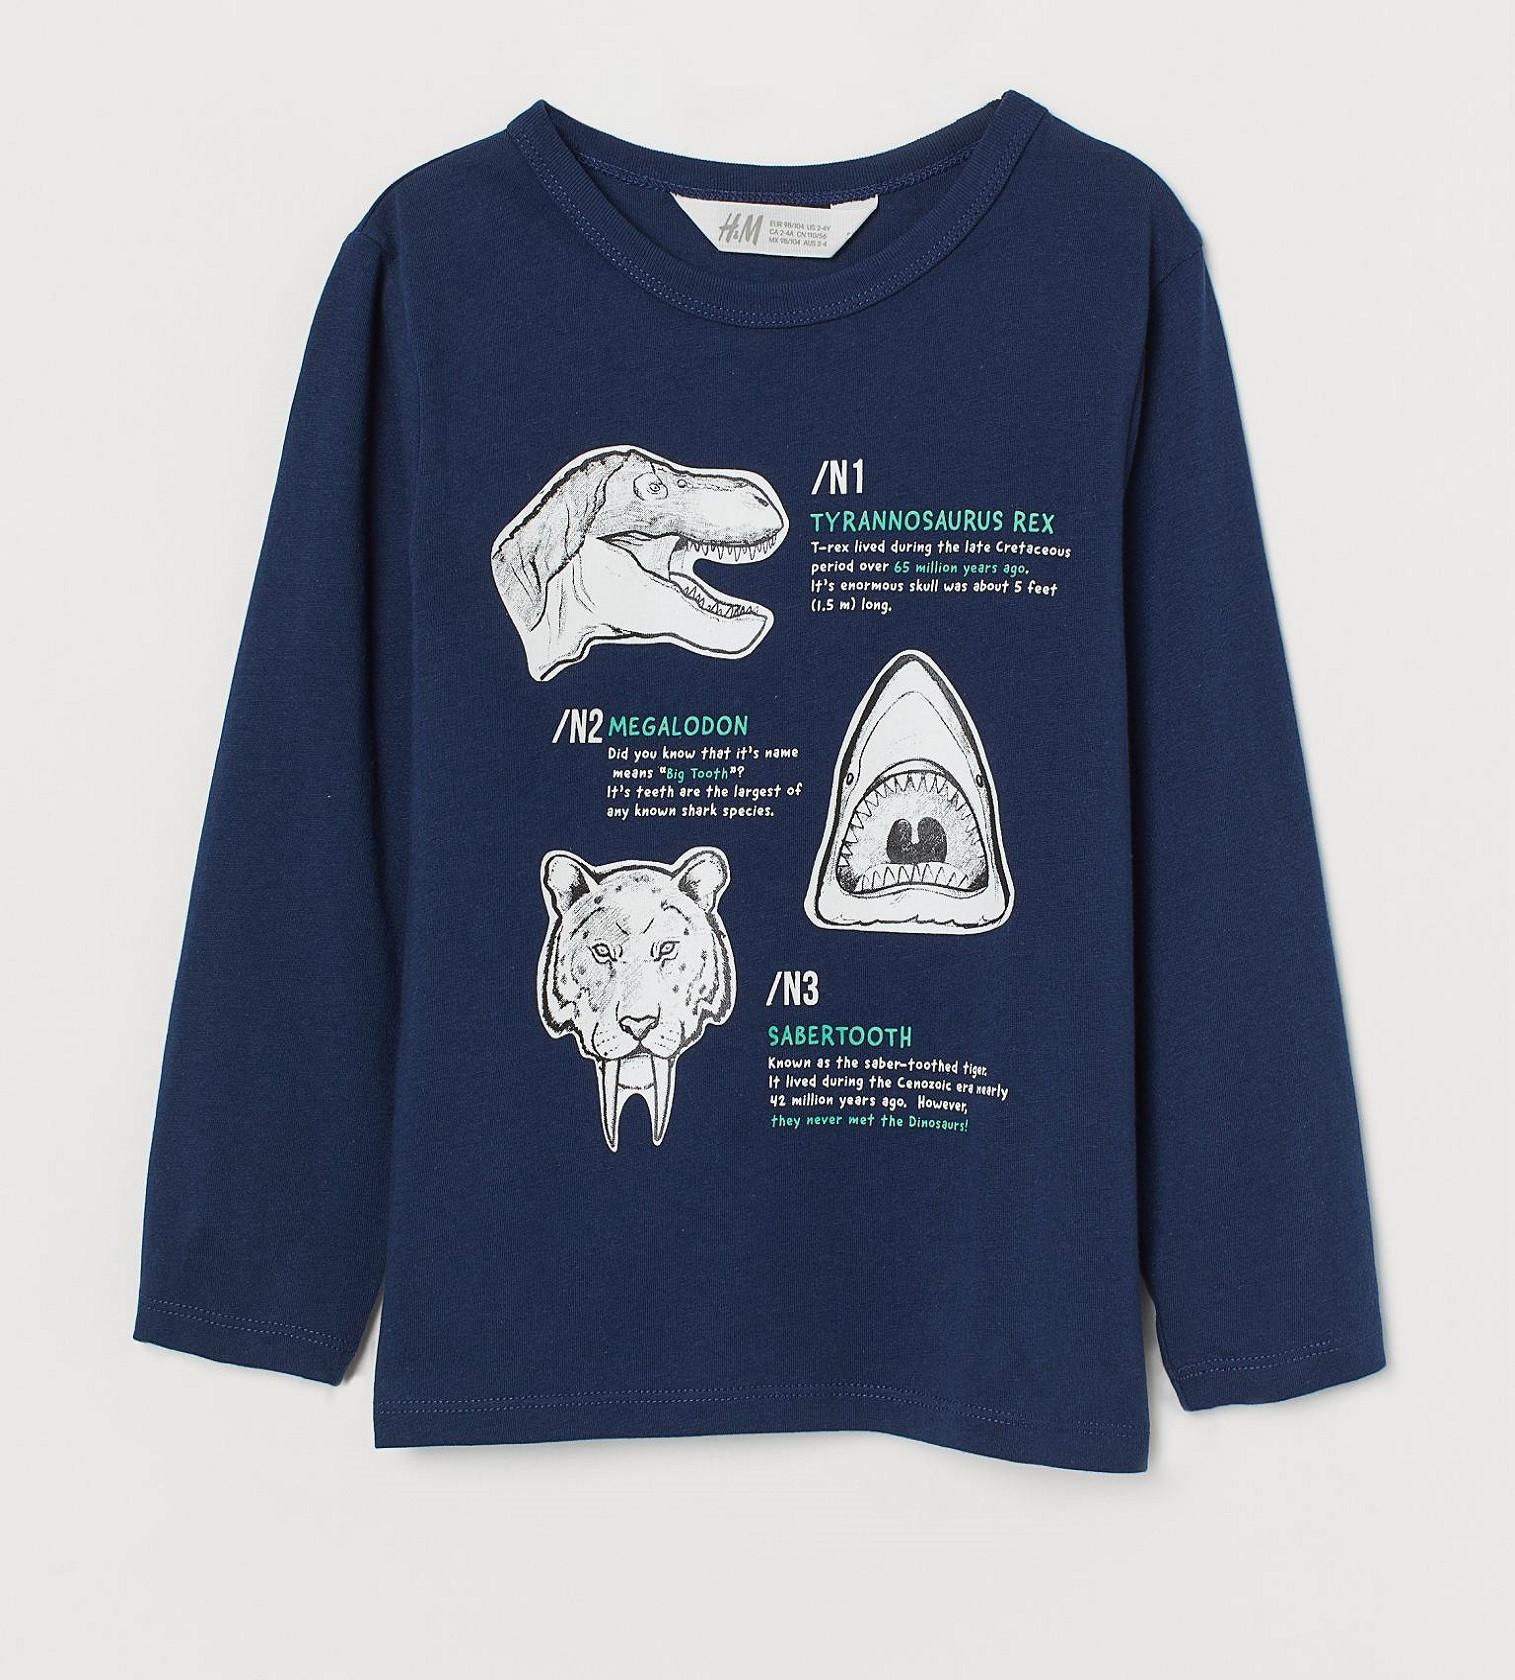 Купити Реглан H&M Navy blue/Extinct animals - фото 1